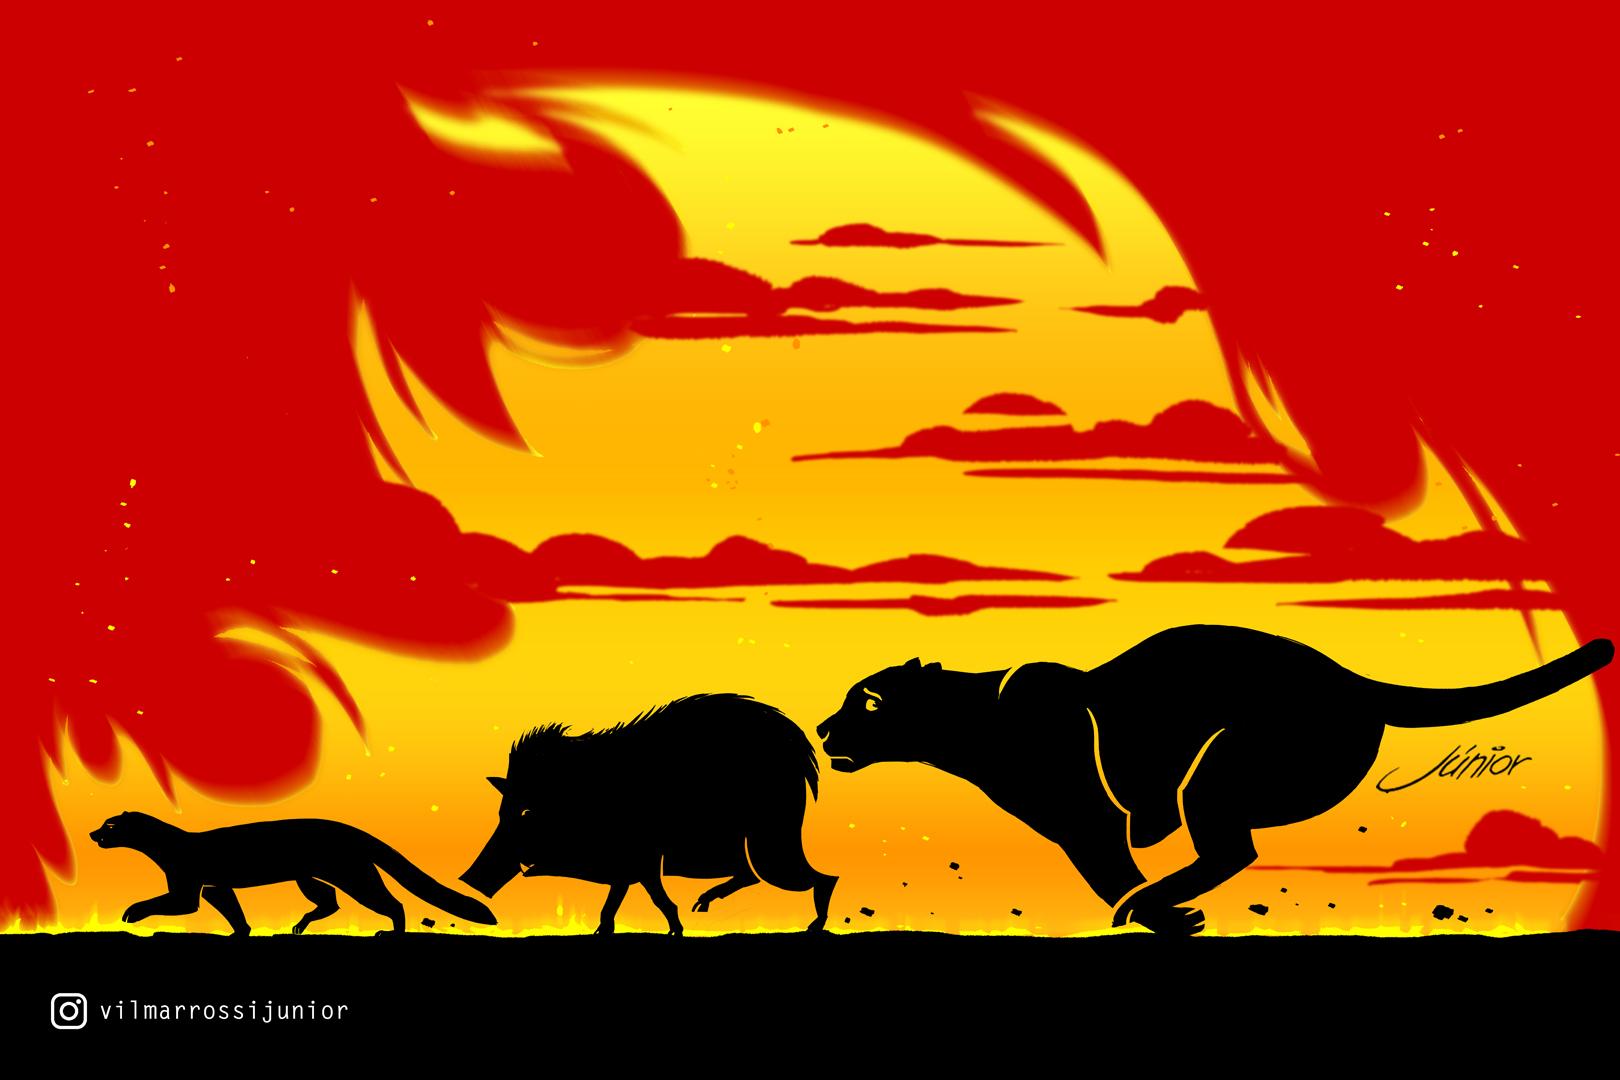 Ilustração de Vilmar que mostra os personagens Timão, Pumba e Simba. Foto: Divulgação.